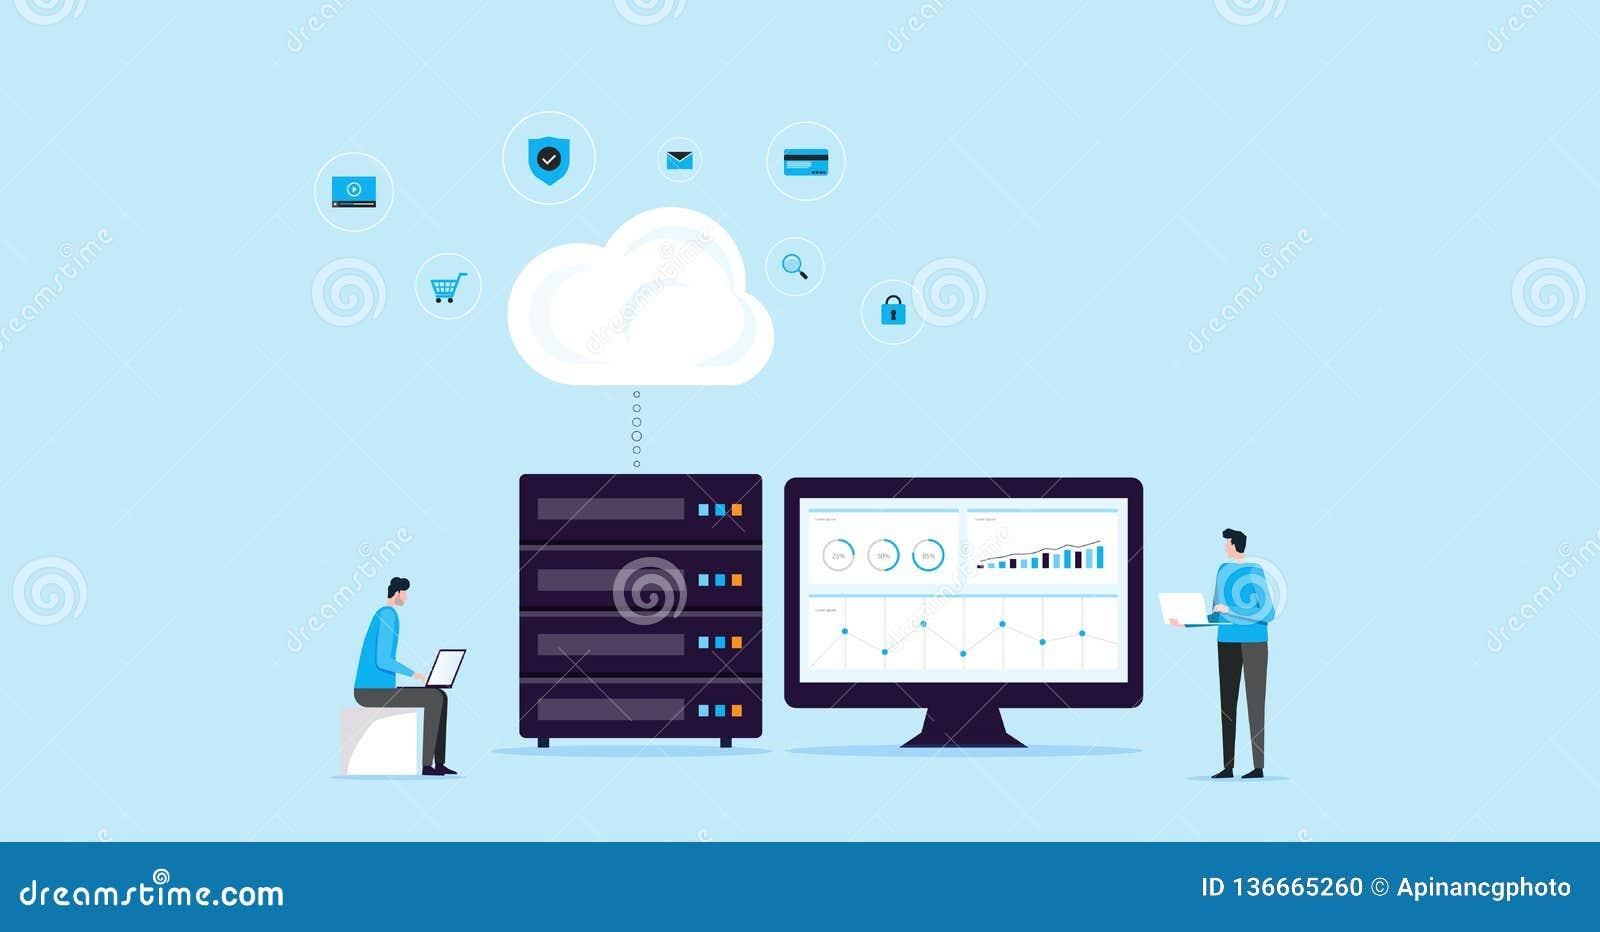 Επίπεδη σύνδεση αποθήκευσης σύννεφων τεχνολογίας έννοιας σχεδίου απεικόνισης με την επιχειρησιακή τεχνολογία wen φιλοξενία και σε